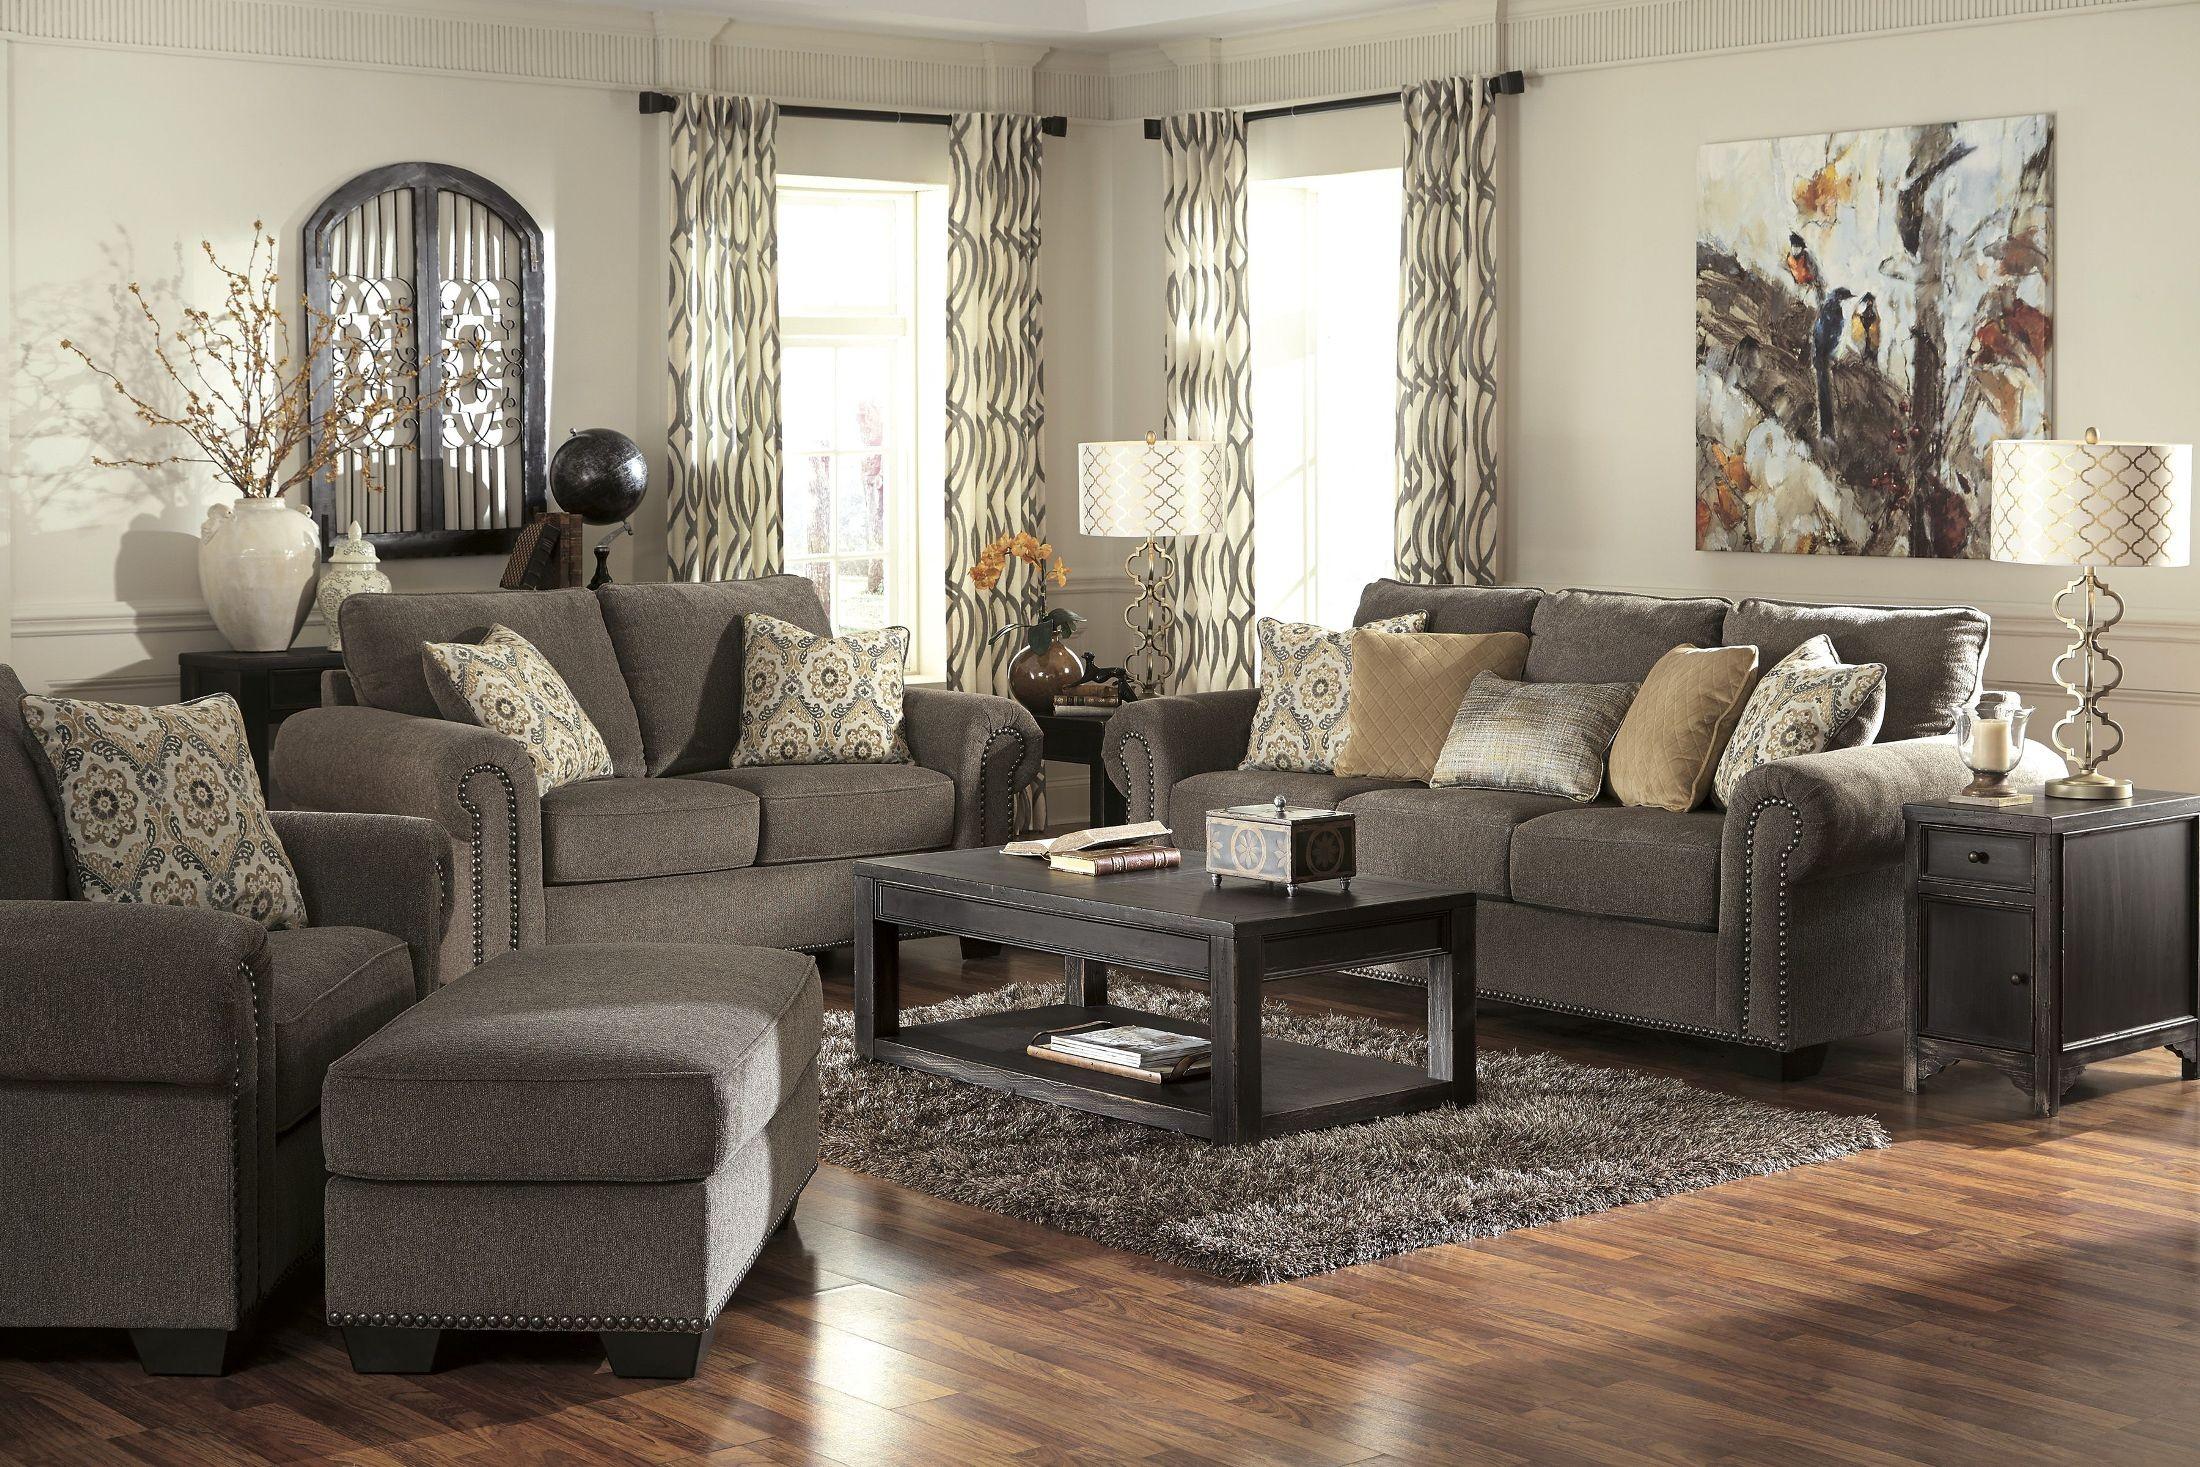 Emelen Alloy Living Room Set From Ashley 45600 35 38